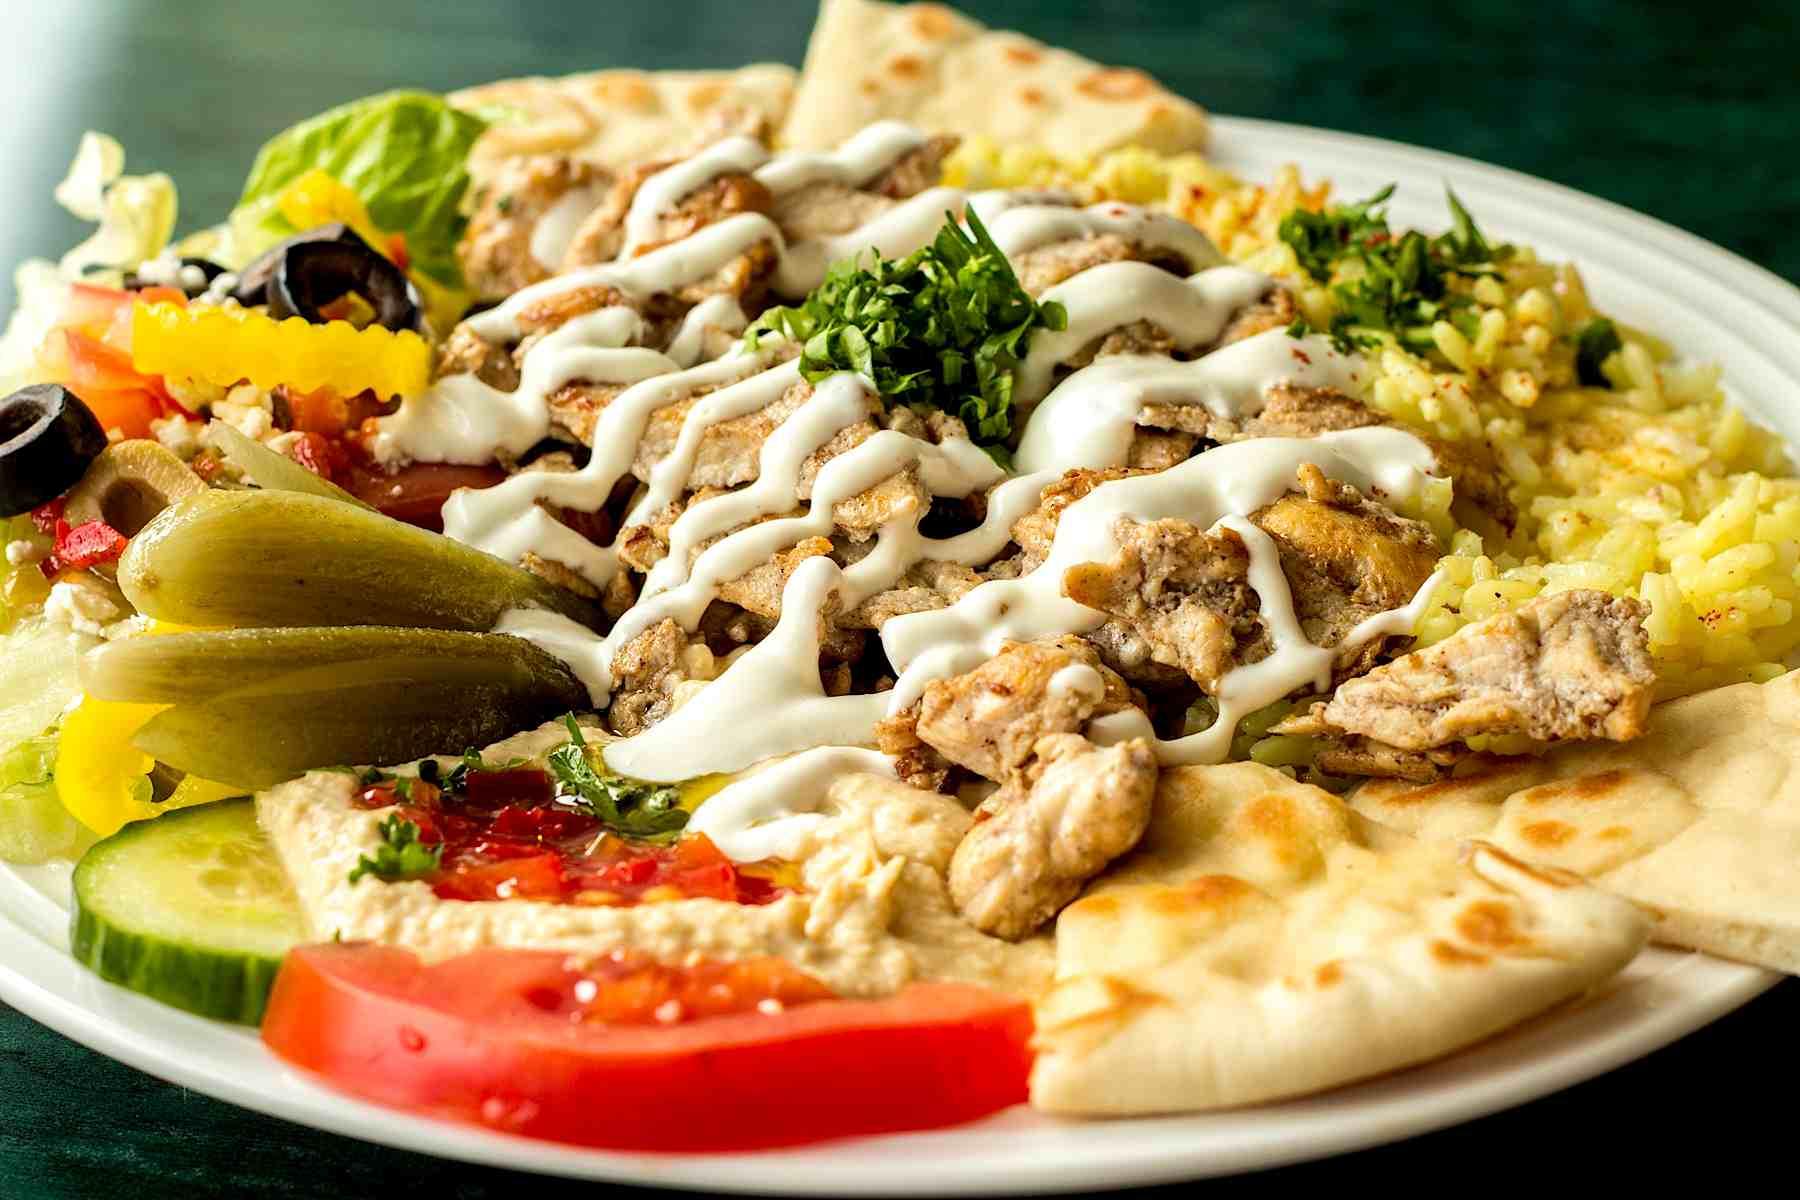 Shawarma Platter - $11.99